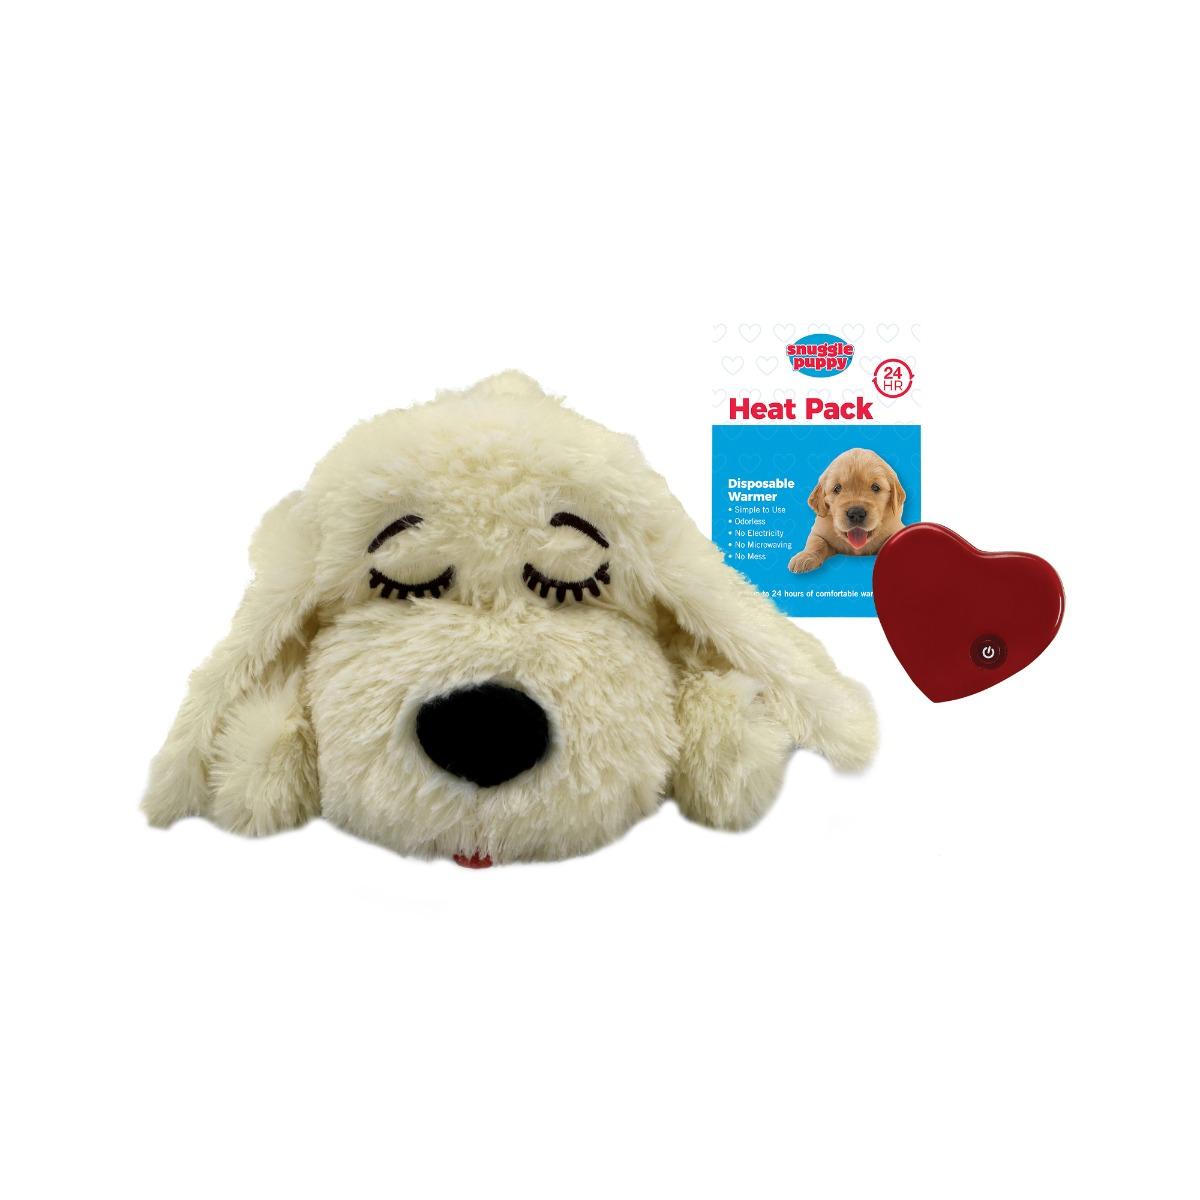 Snuggle Puppy - Beige